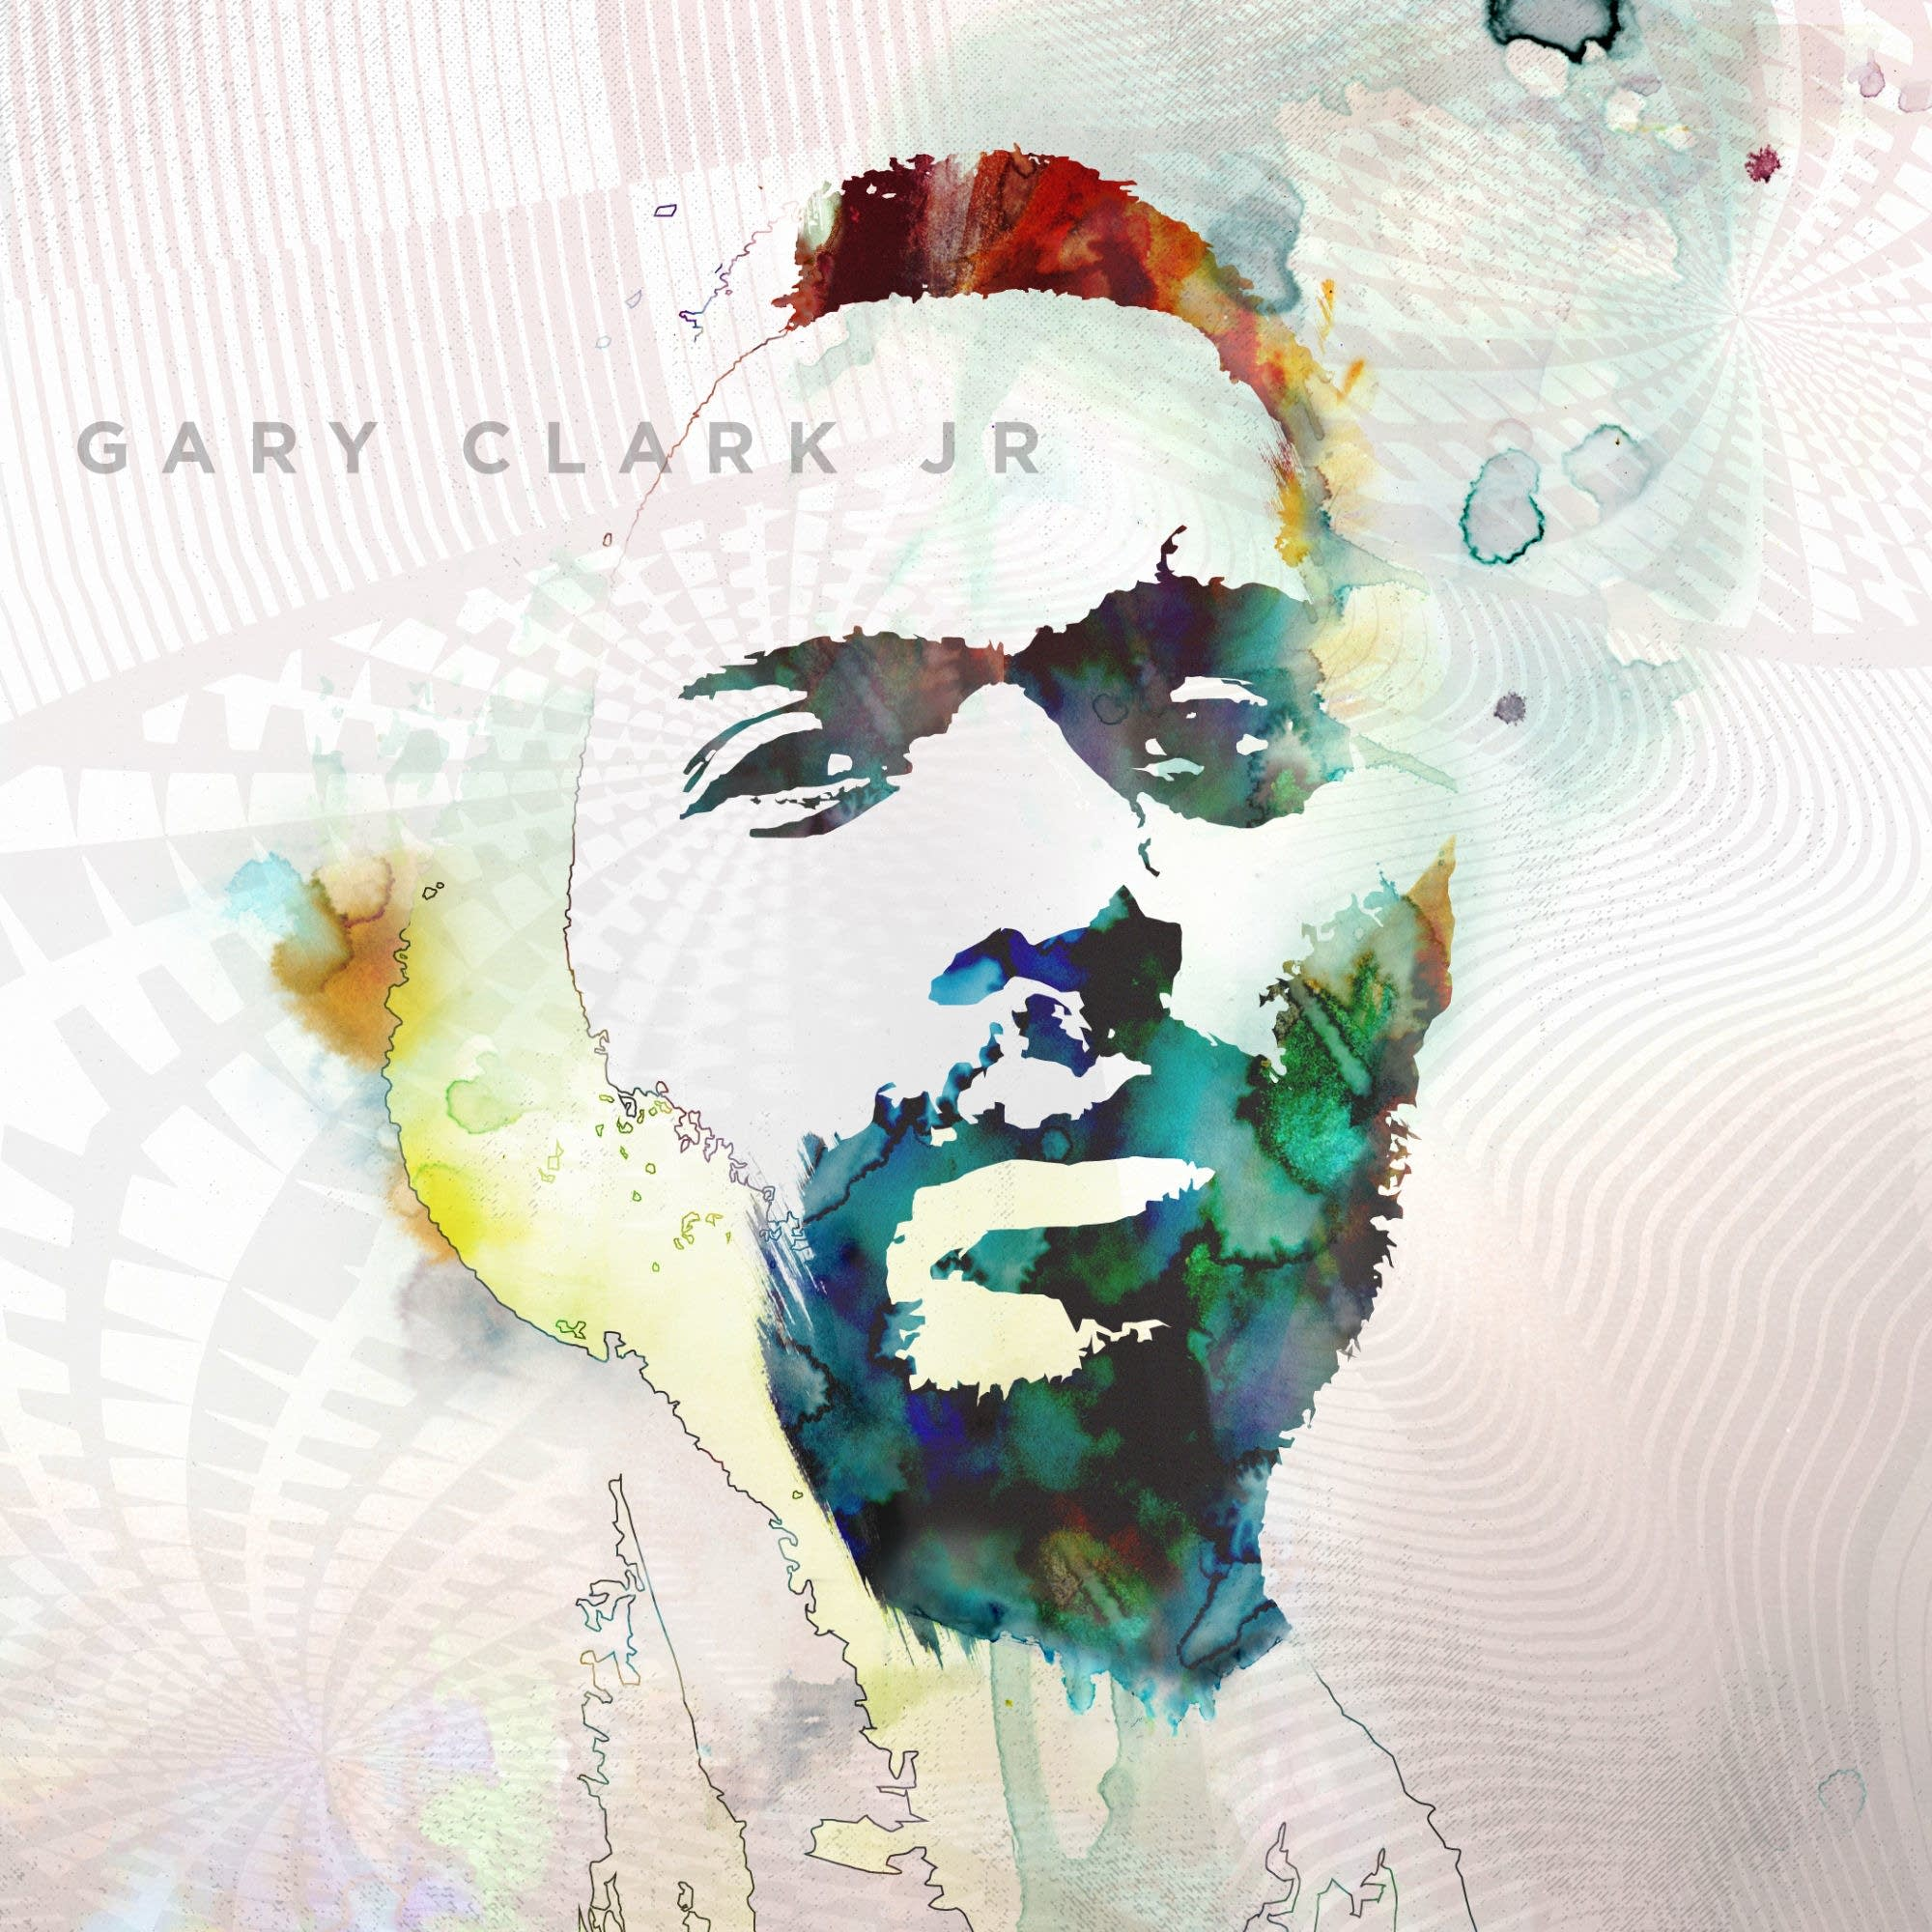 Gary Clark Jr - Blak and Blu